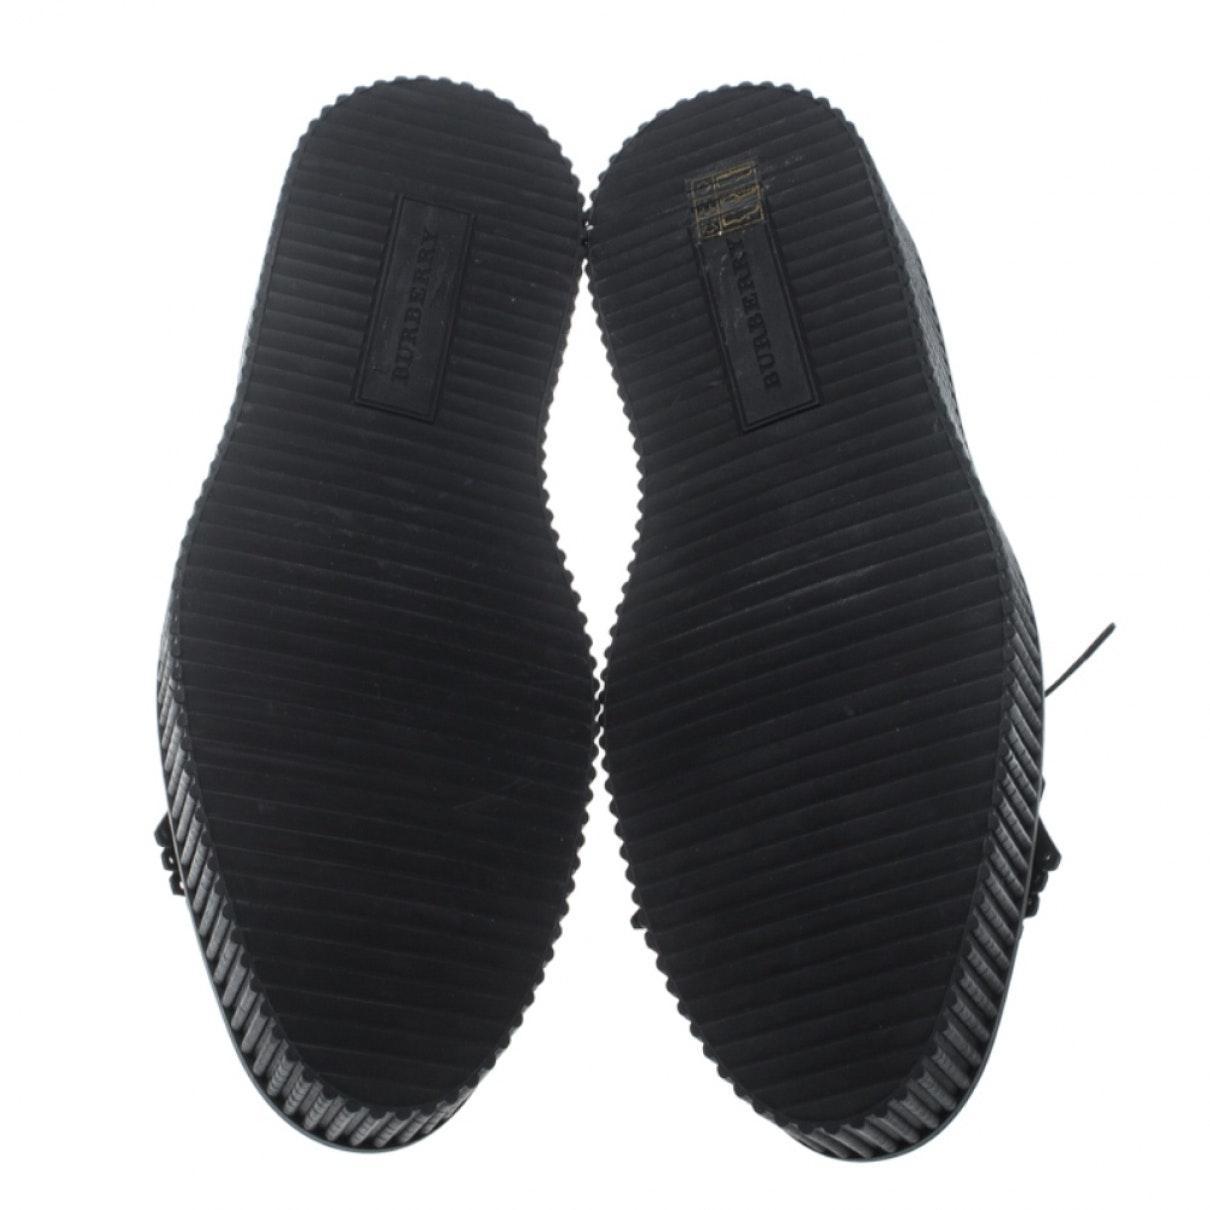 Derbis en cuero burdeos Burberry de color Negro